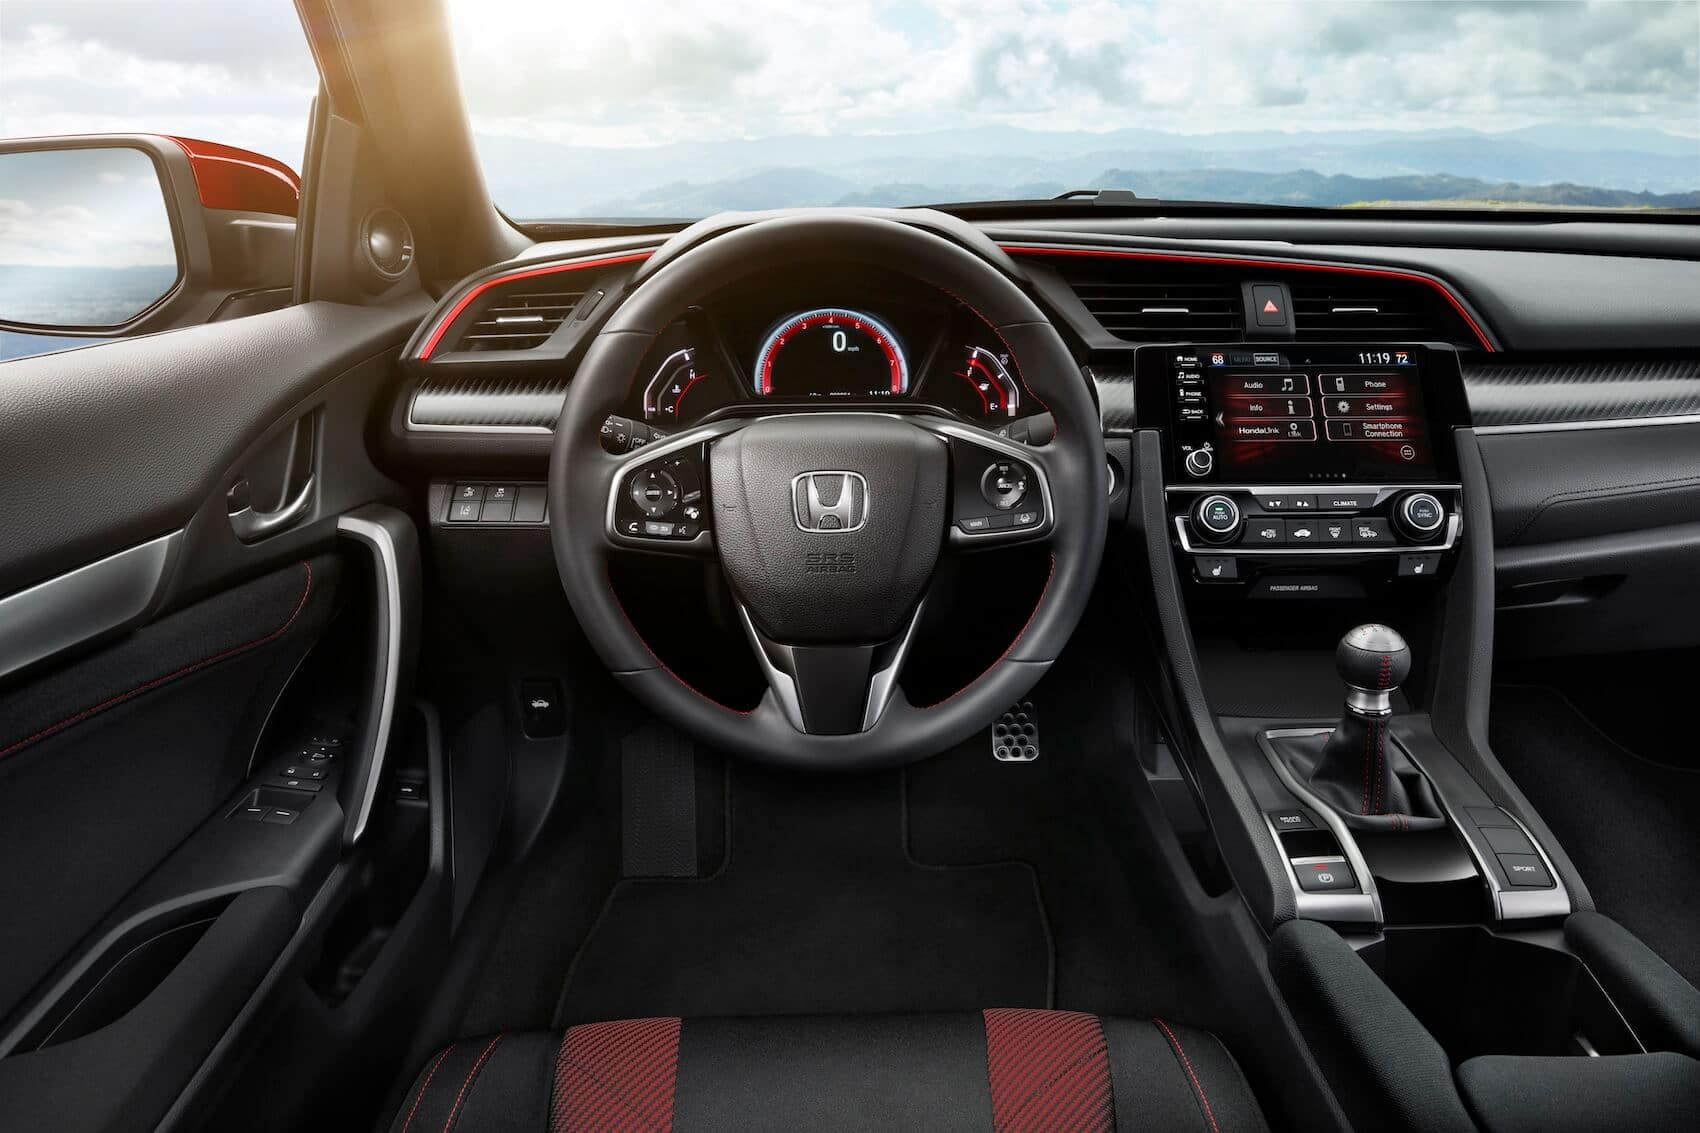 Honda Civic Interior: Interior Safety Features